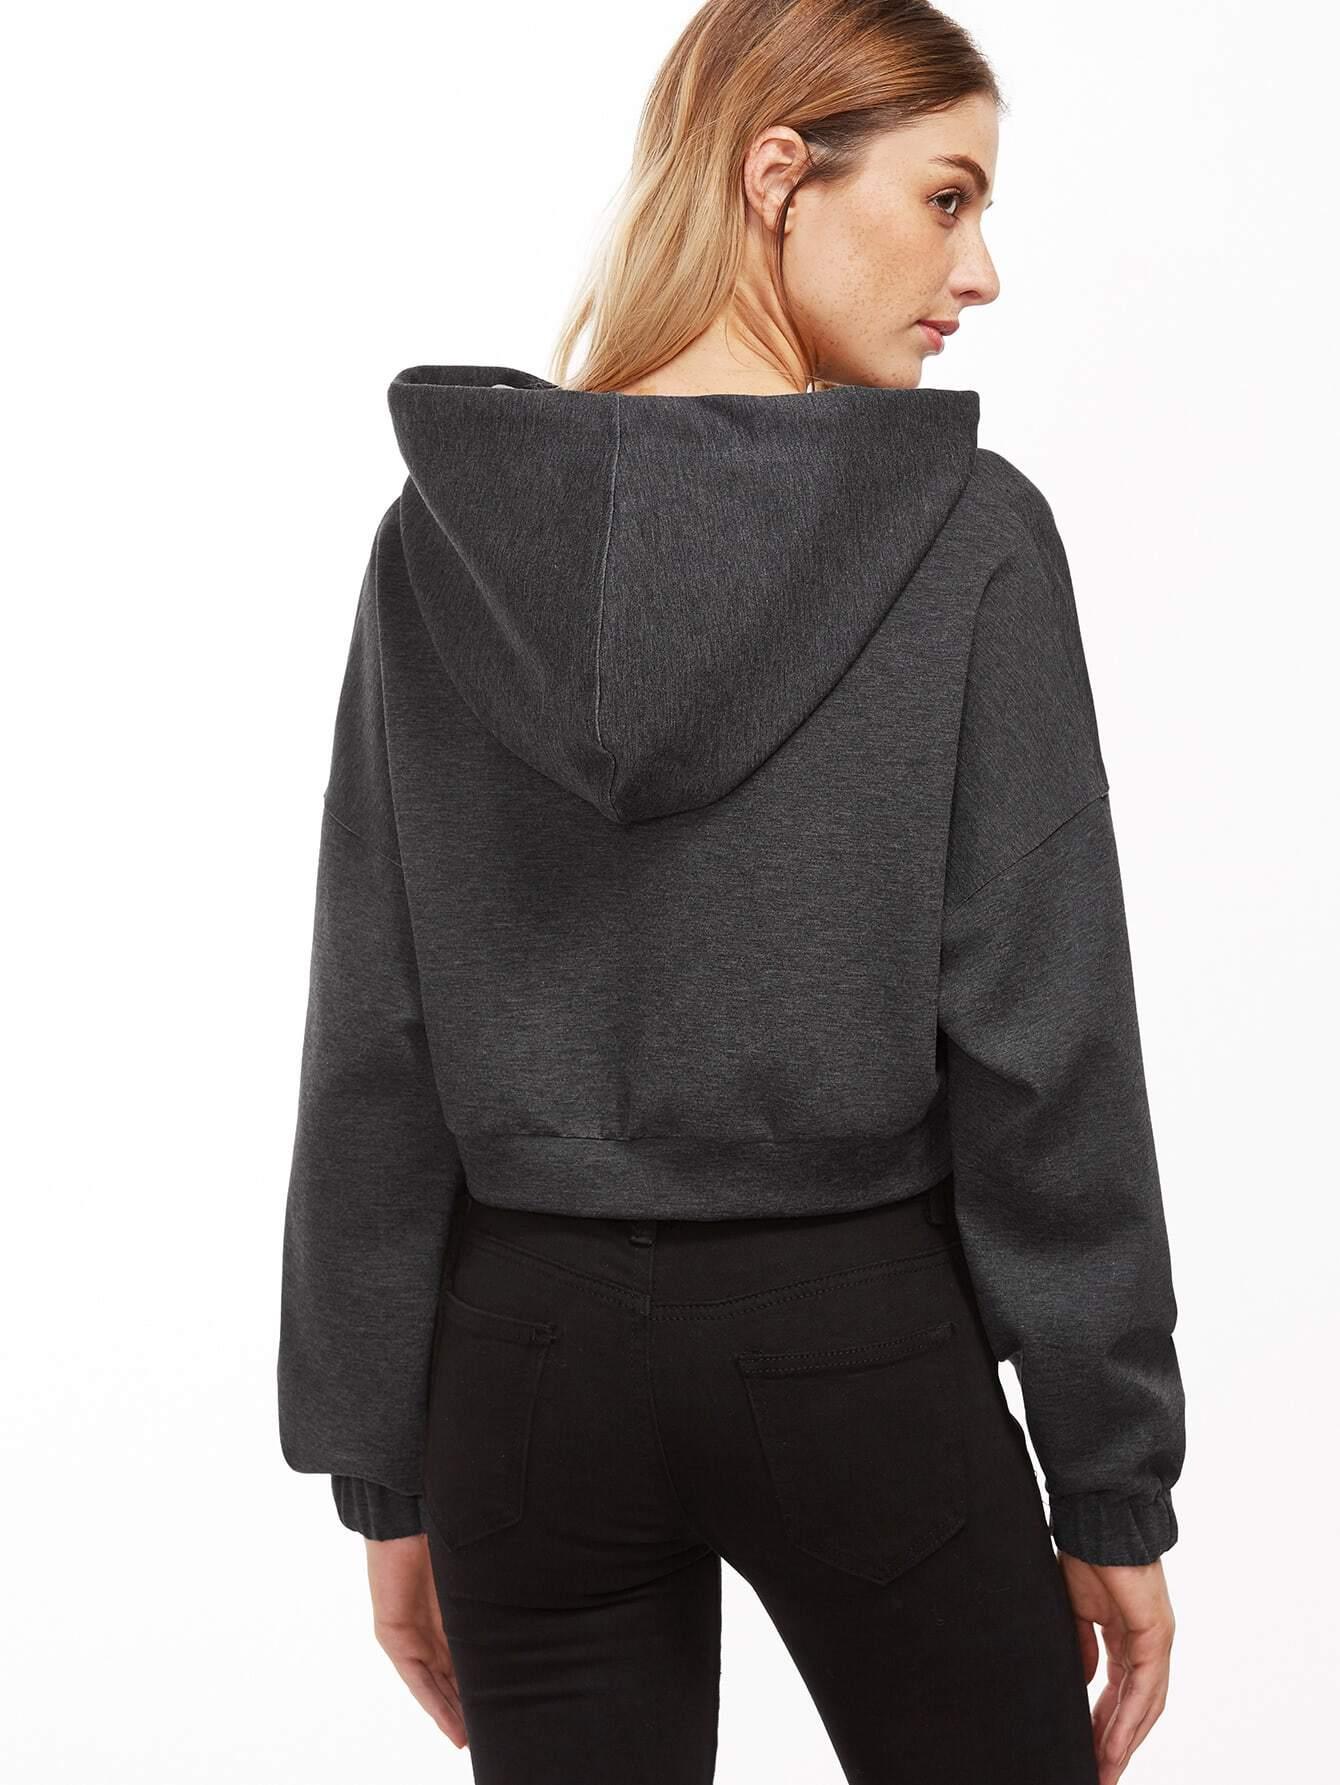 sweatshirt161027705_2